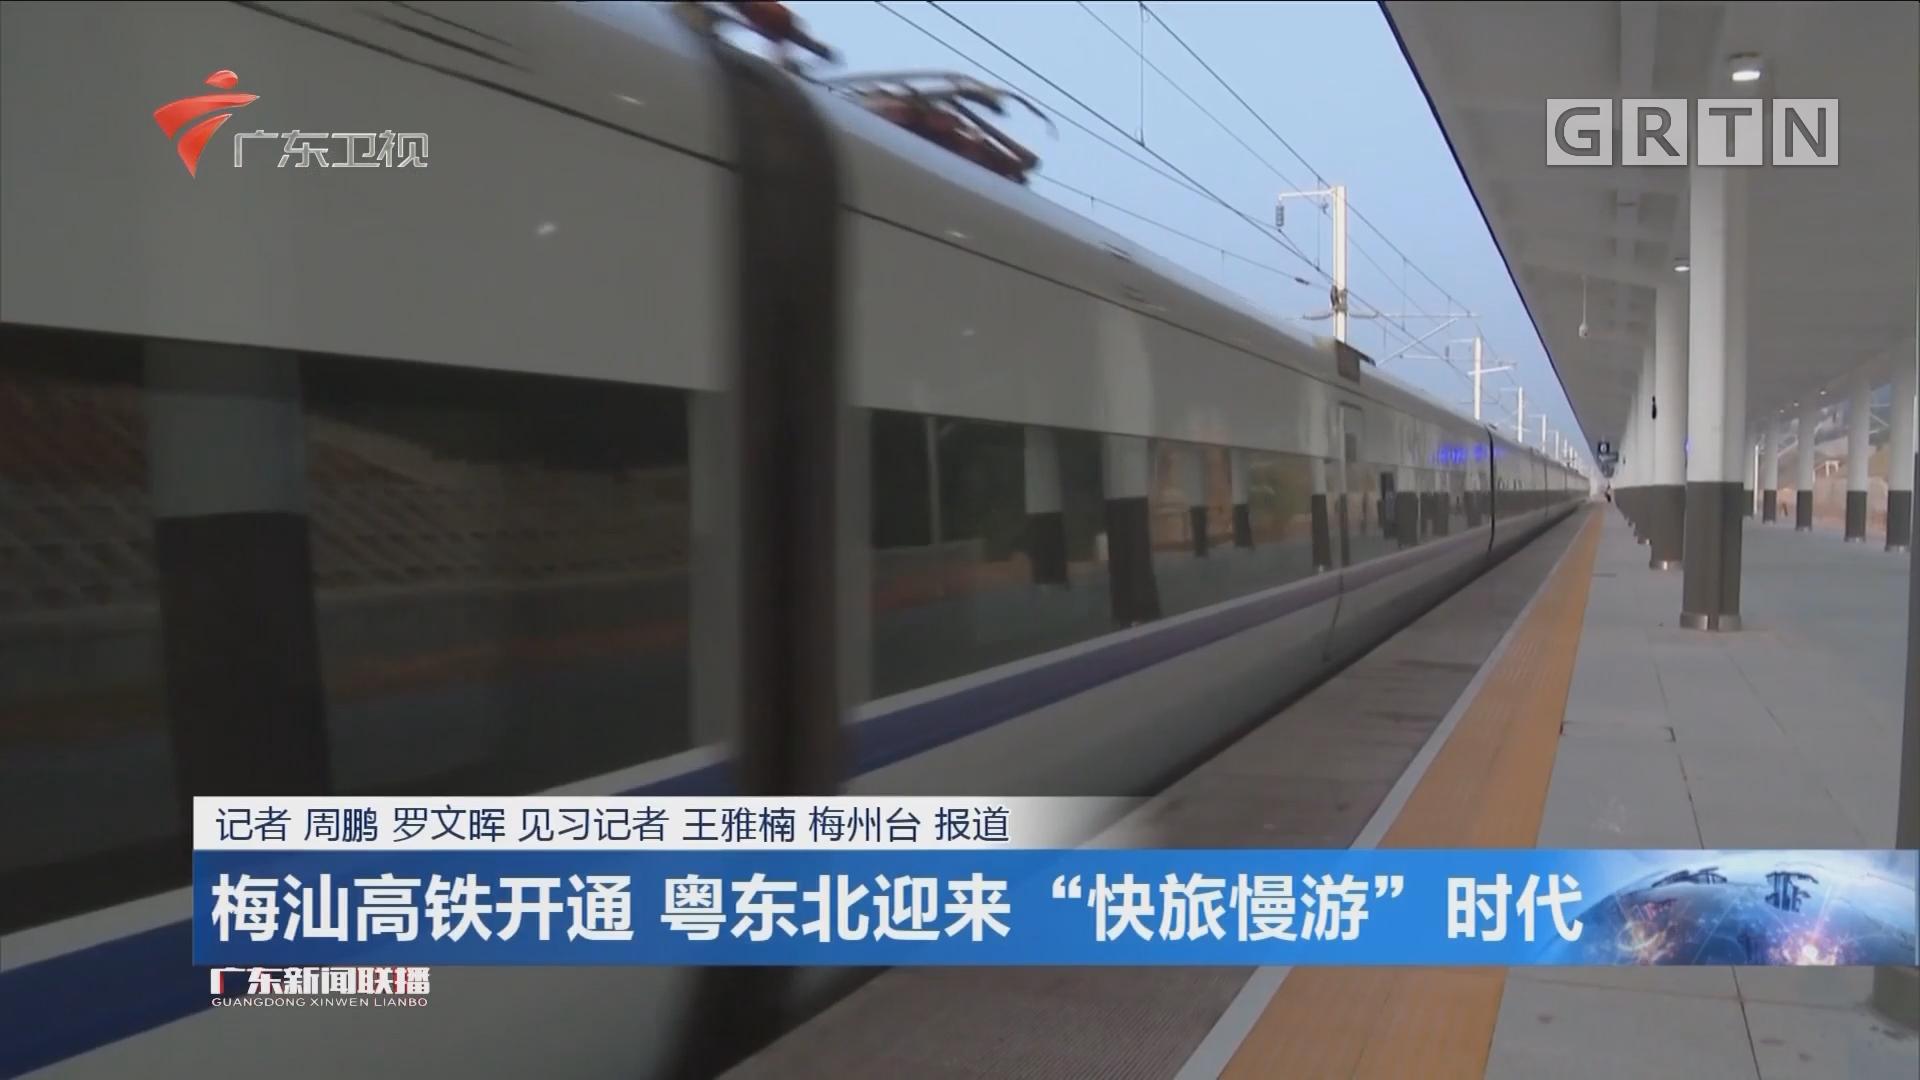 """梅汕高鐵開通 粵東北迎來""""快旅慢游""""時代"""